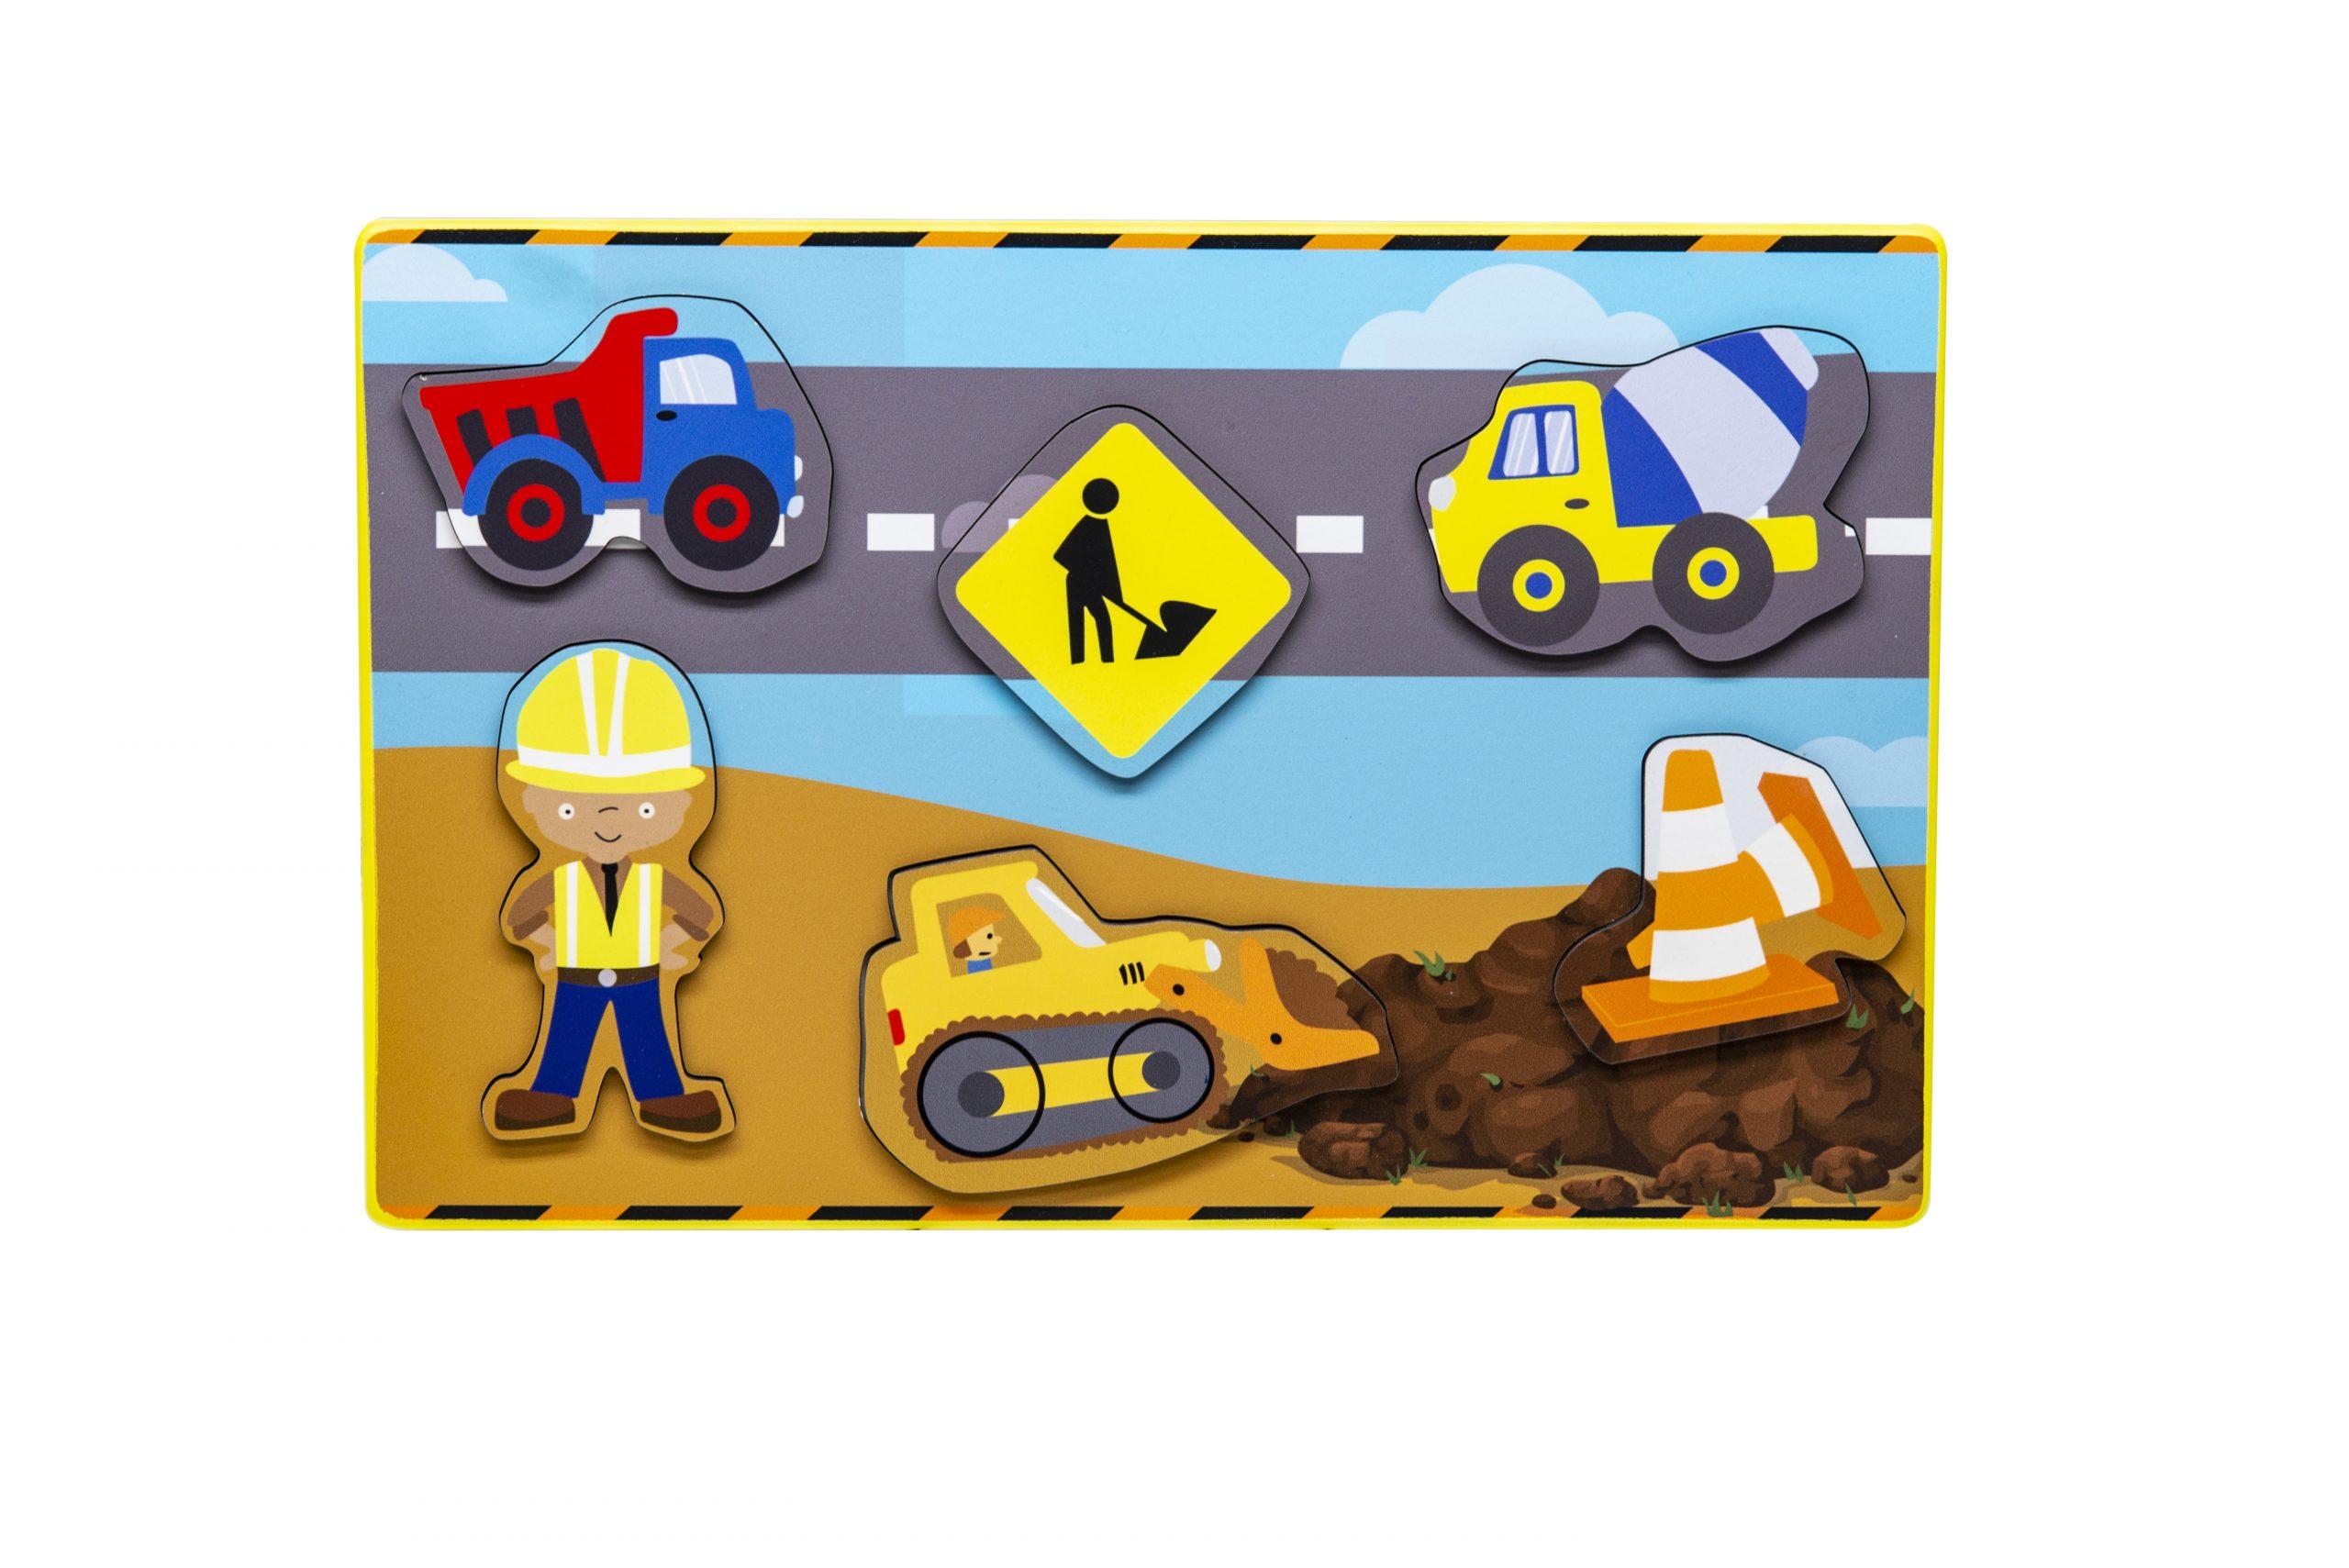 Construction Site Imagination Puzzle